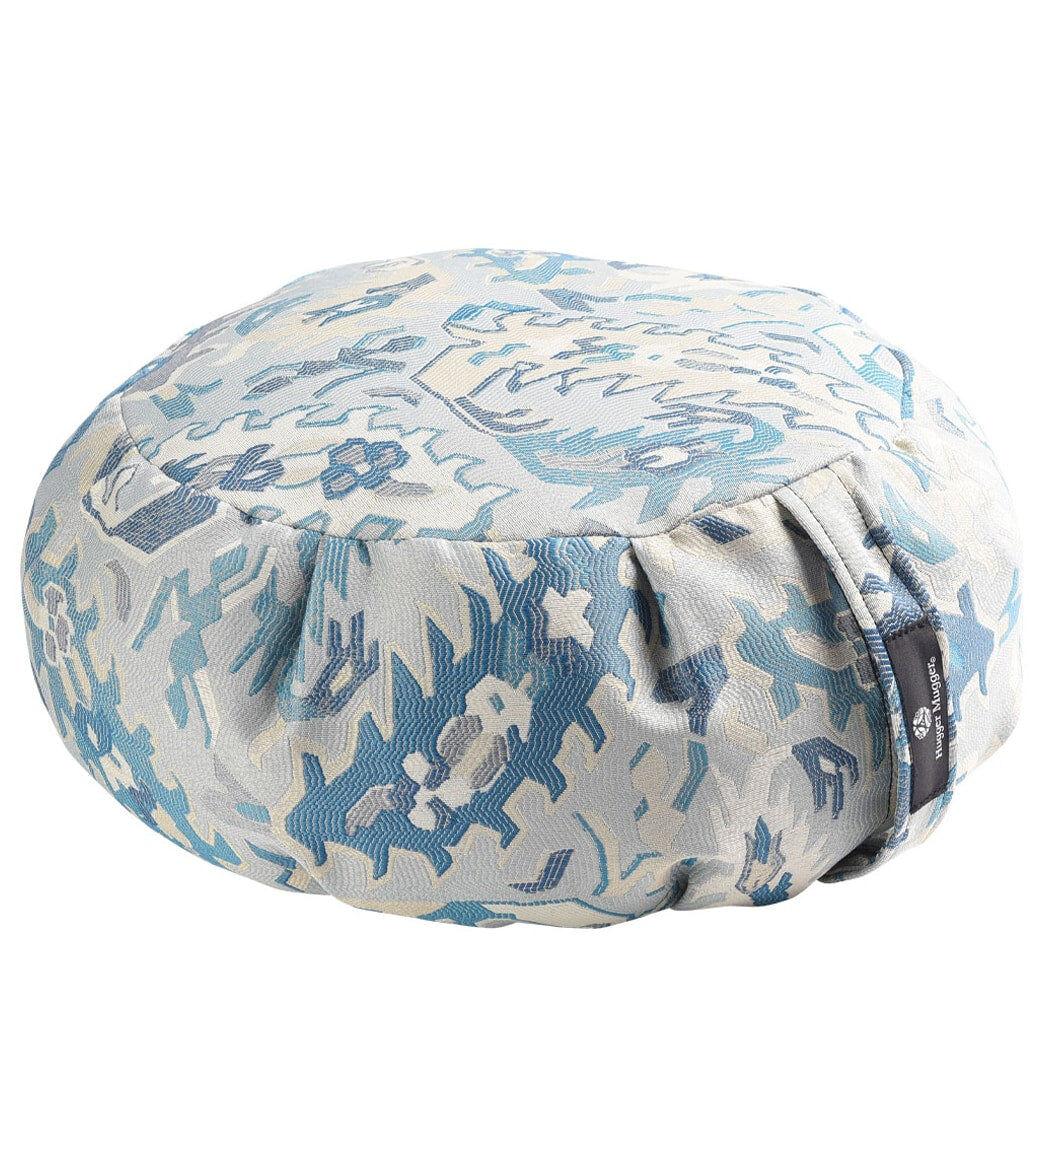 Hugger Mugger Zafu Cushion Crystal Garden Cotton